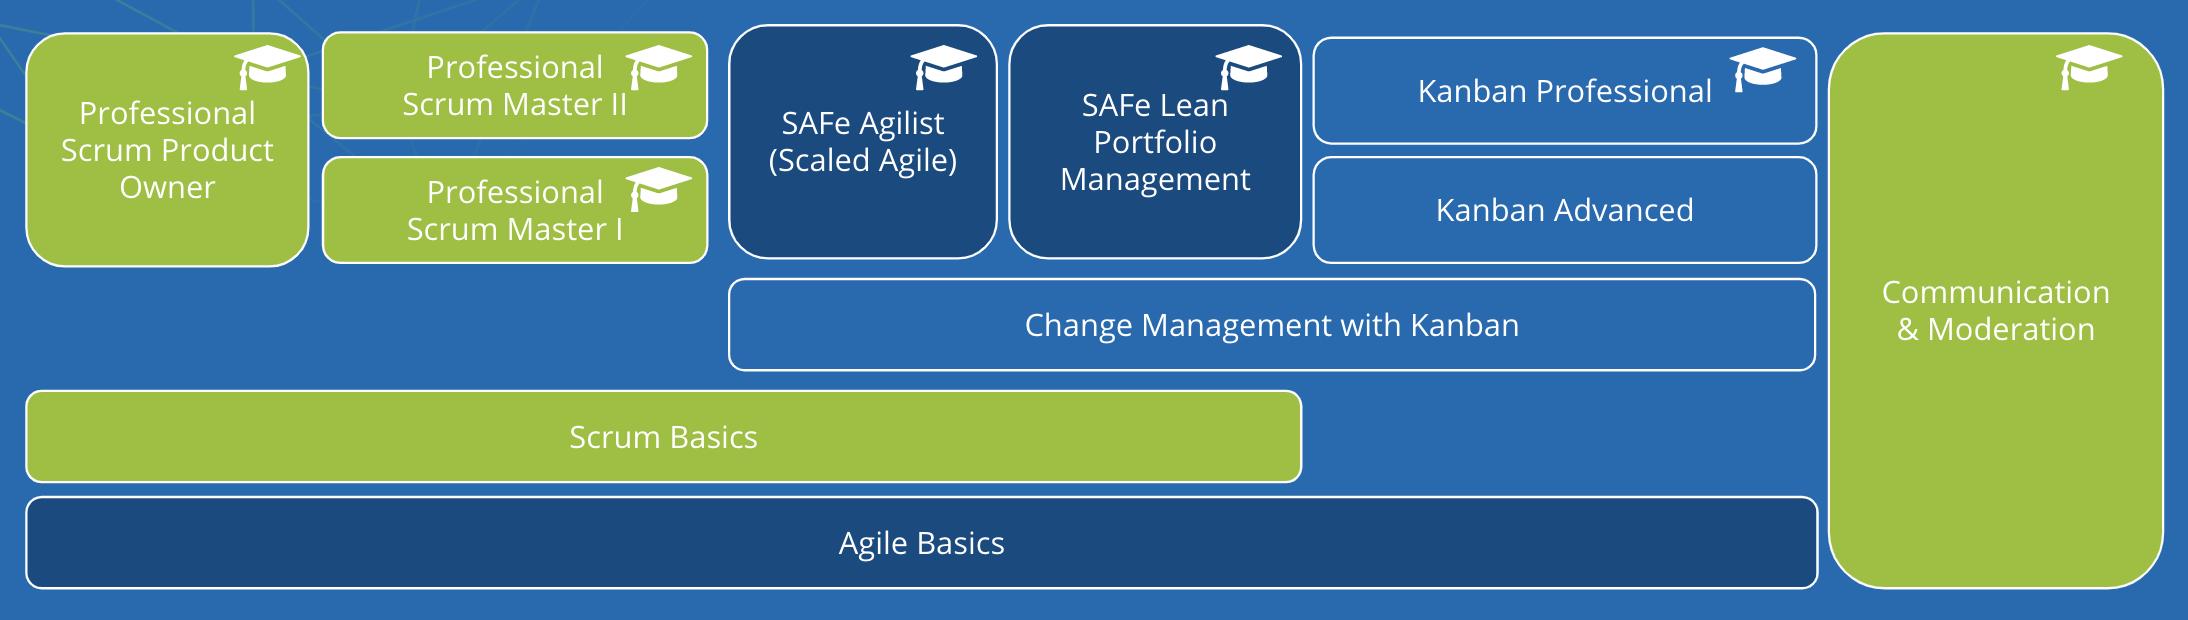 Agile Basics academy